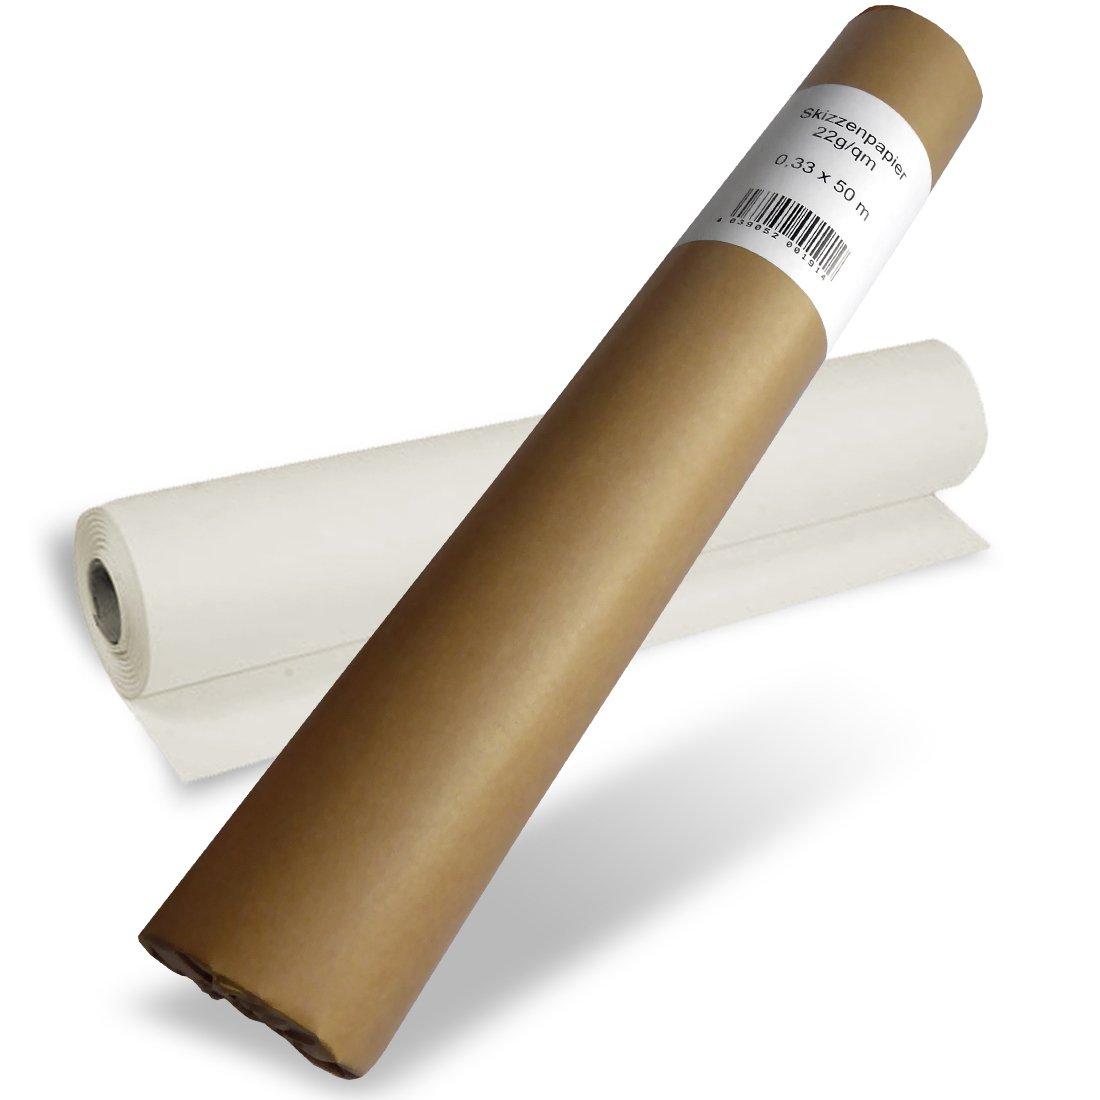 Papier calque pour esquisse en rouleau 33cm x 50m - 22g/m2 Polytek